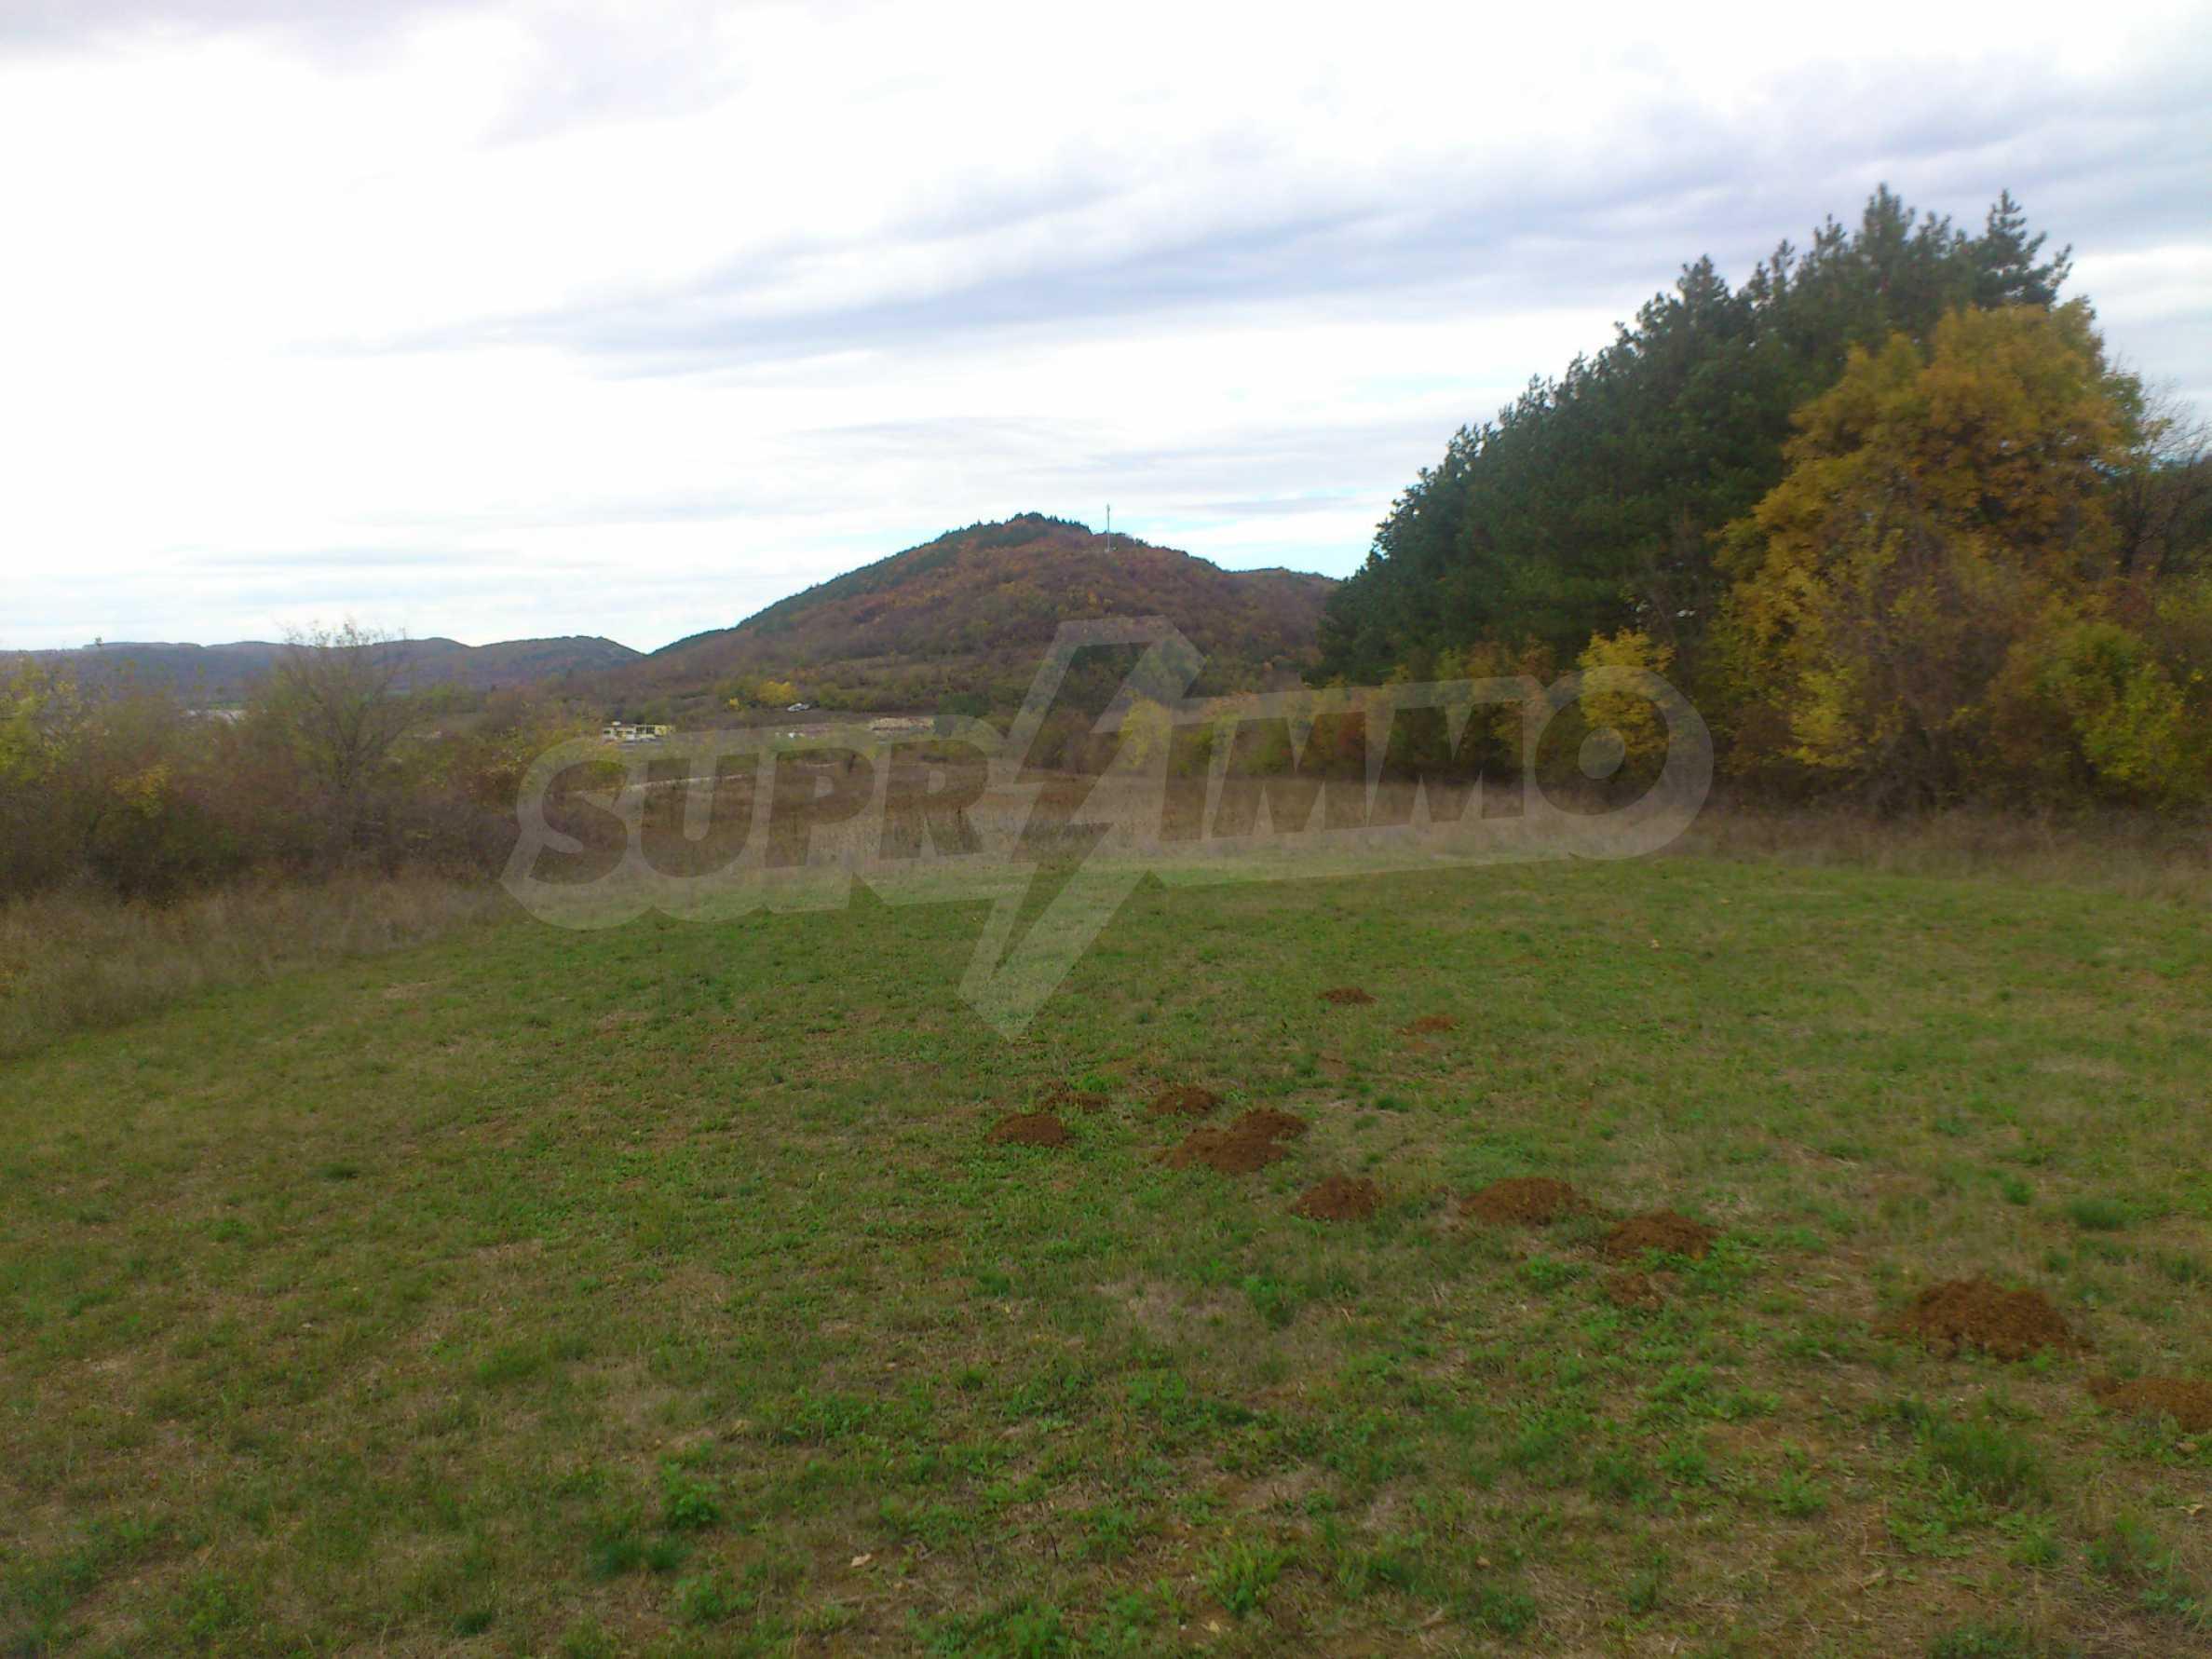 Grundstück 3 km von Veliko Tarnovo entfernt mit Blick auf eine Asphaltstraße